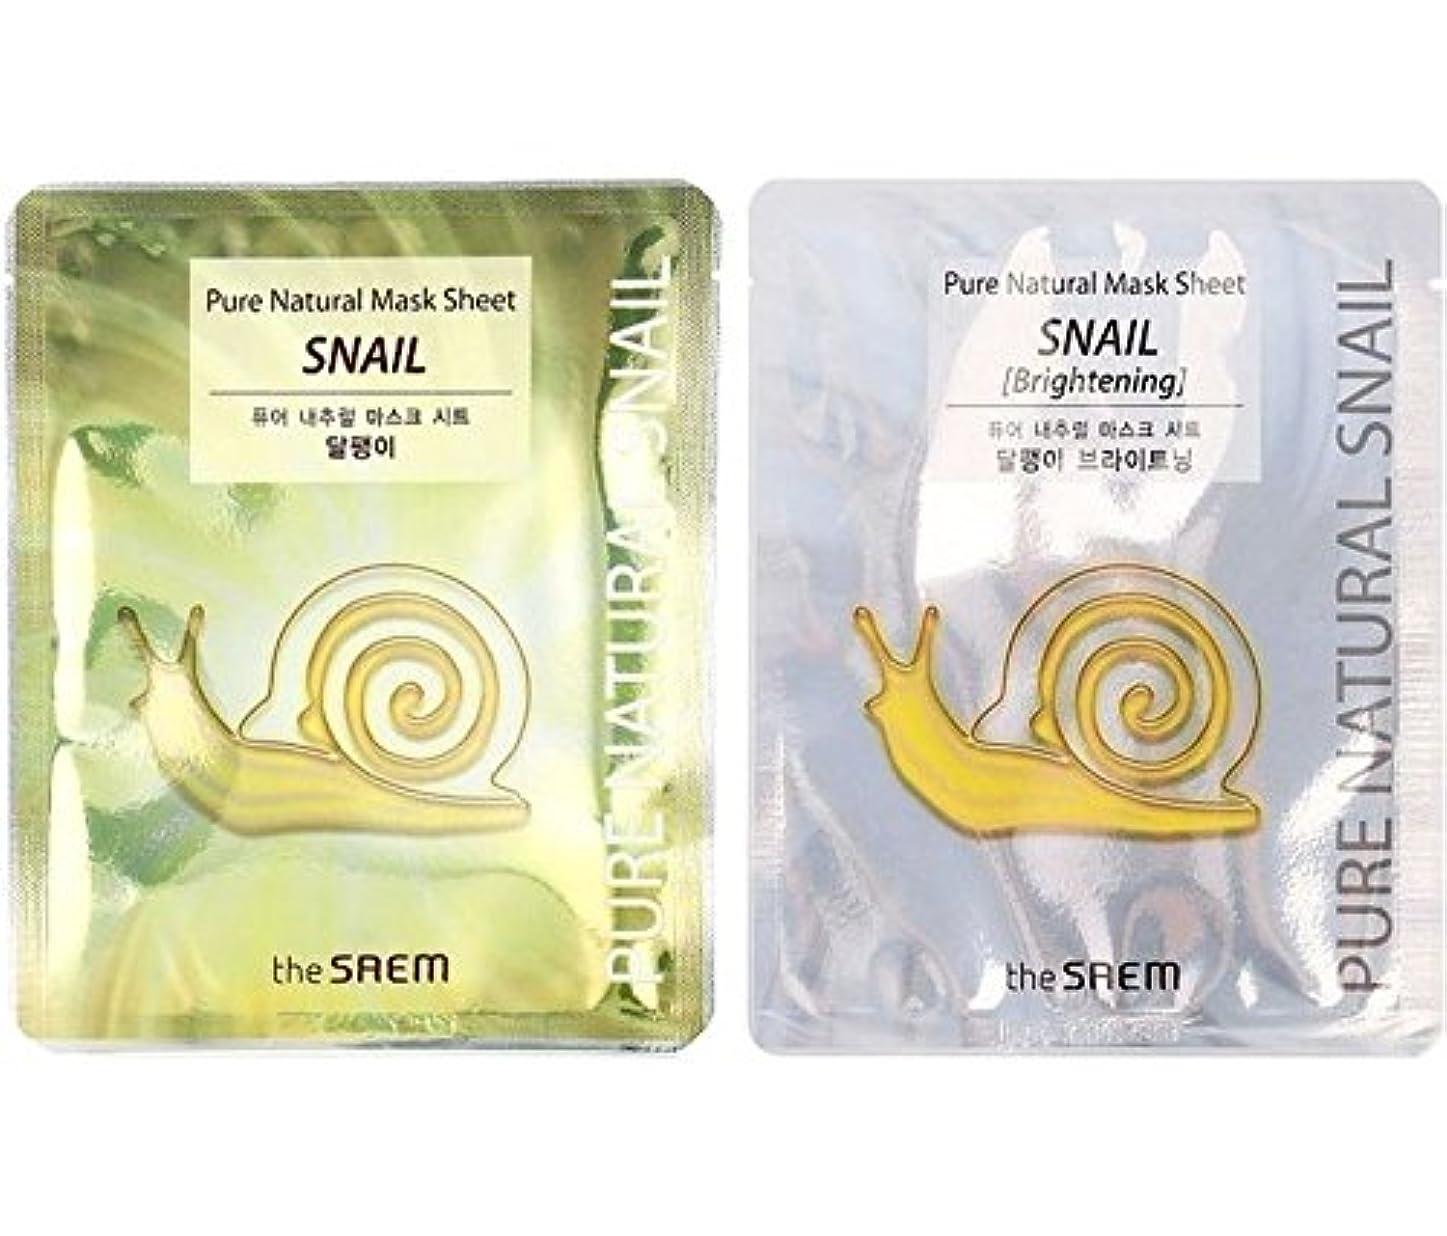 人に関する限り殺します代表団(ザセム) The Saem 韓国マスクパックカタツムリ20枚セット(10+10) ピュアナチュラルマスクシートスネイルブライトニング Pure Natural Mask Sheet Snail Brightening...